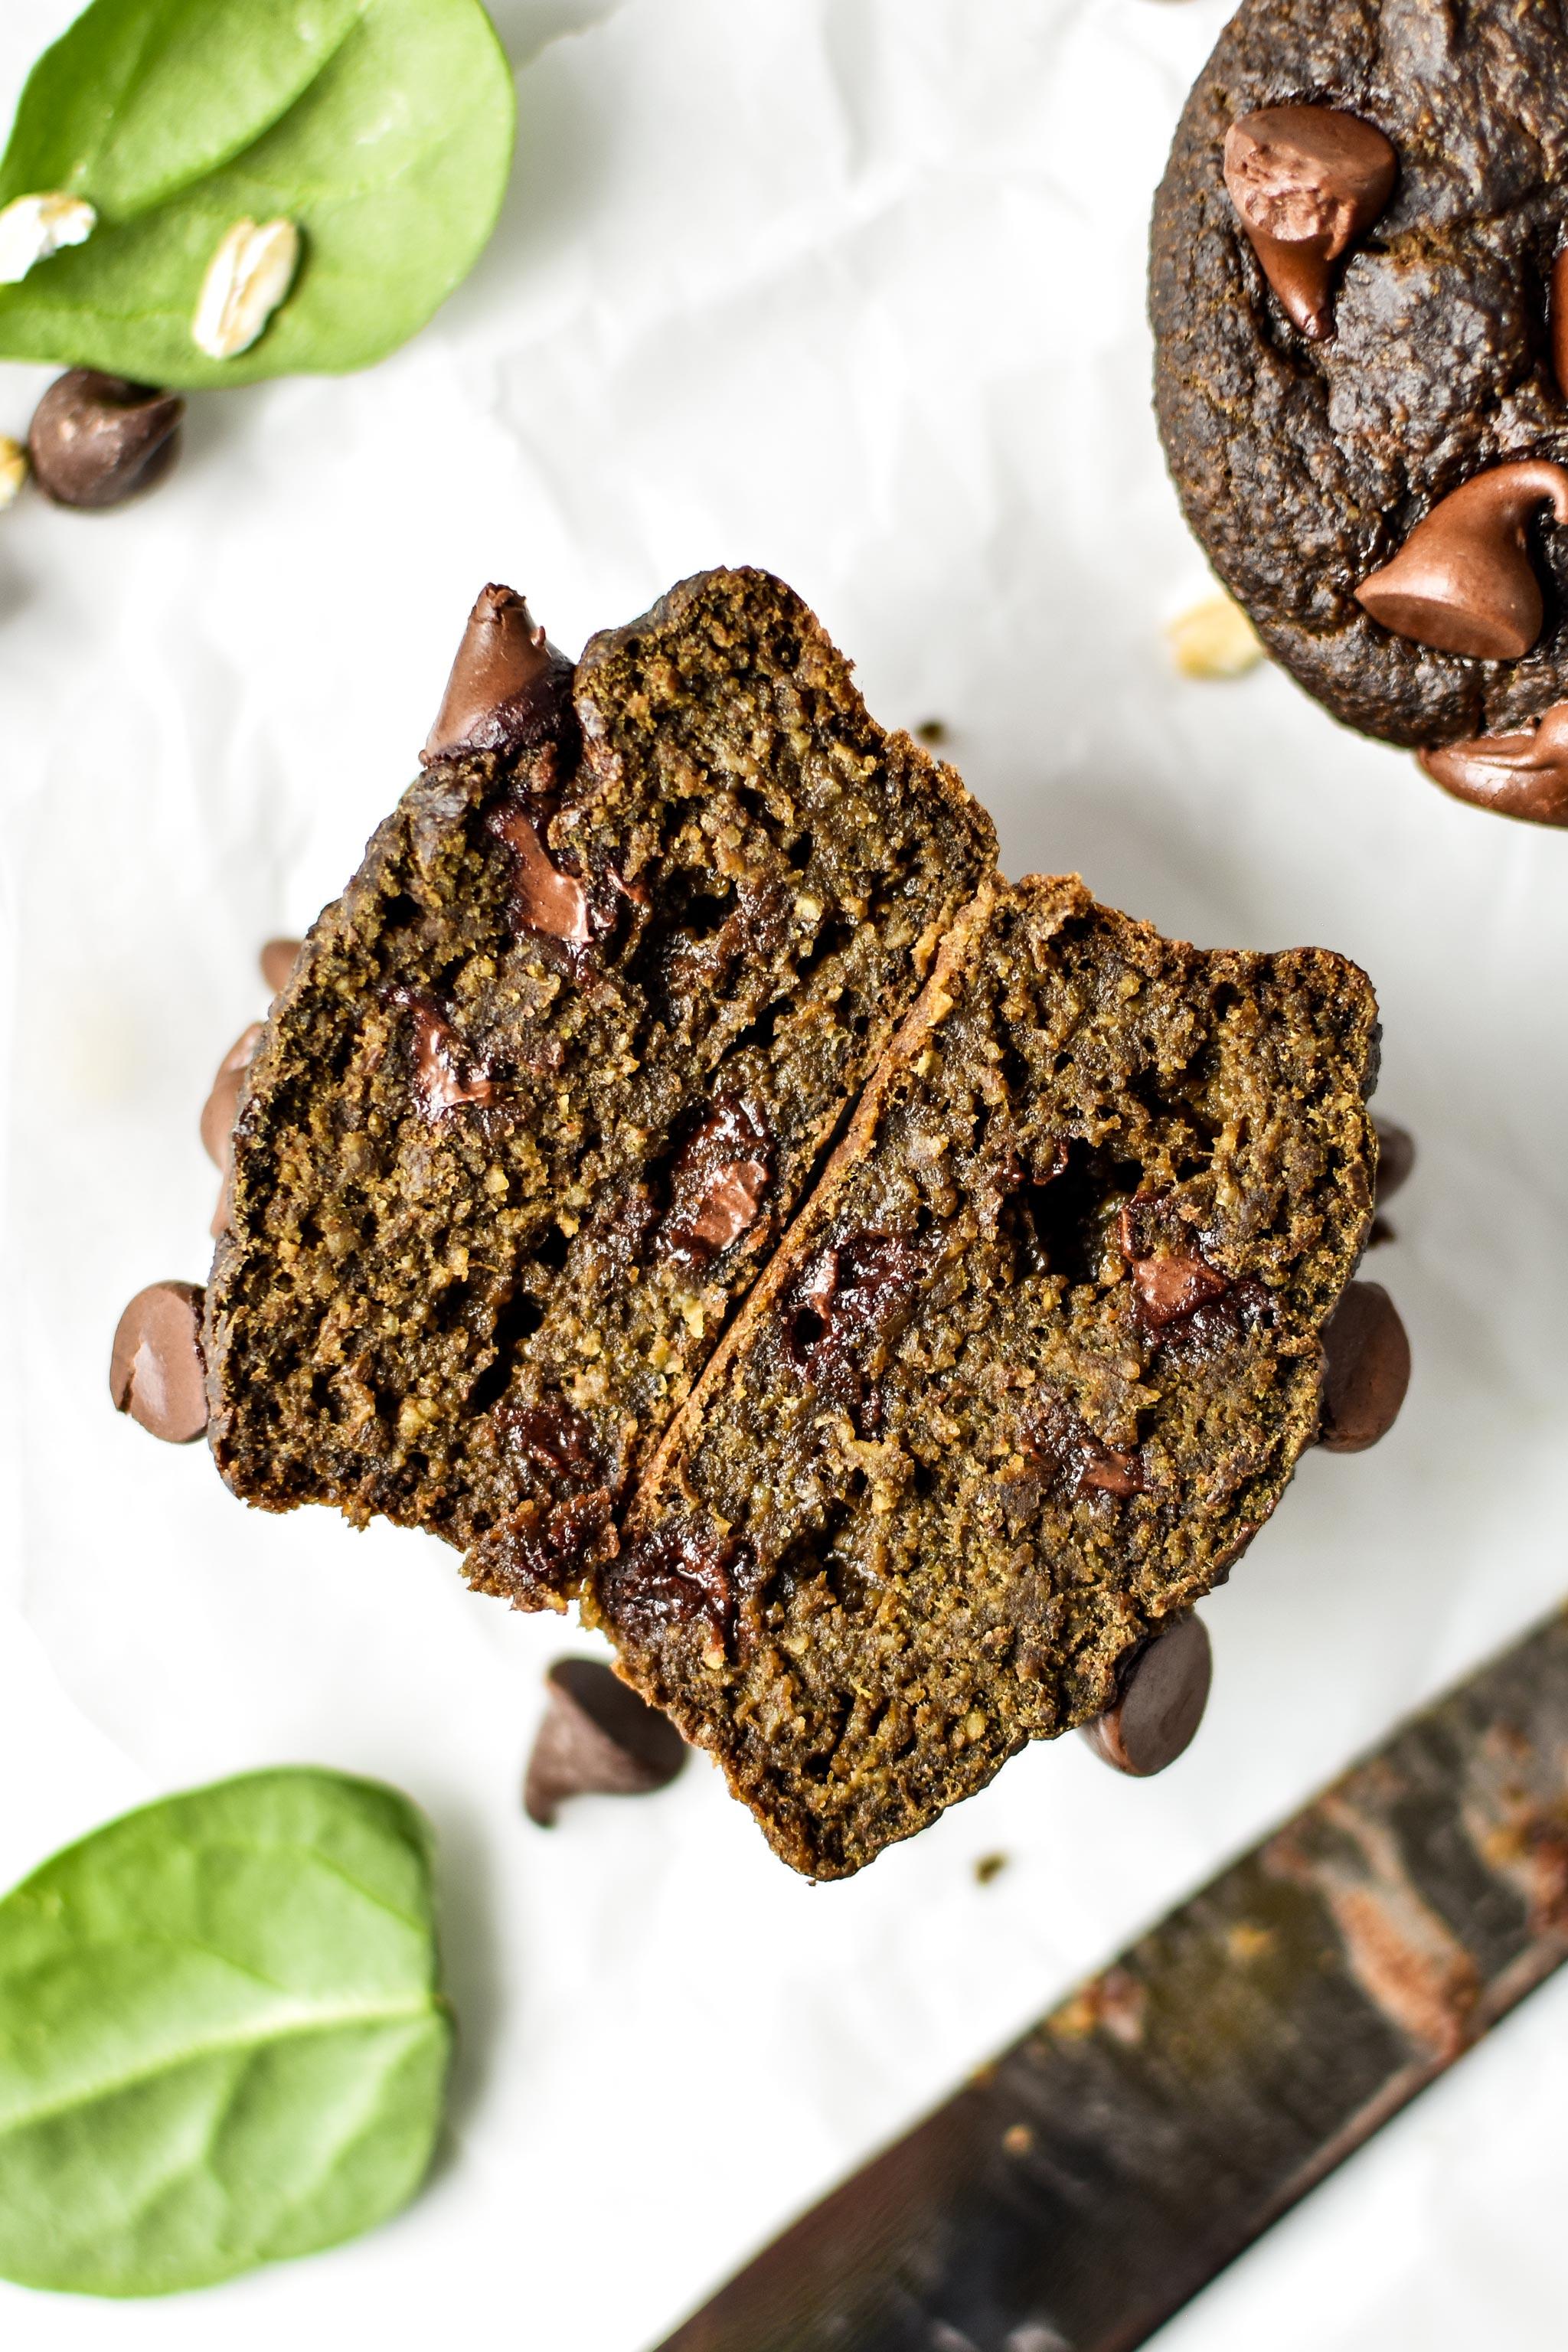 chocolate spinach blender muffin cut in half